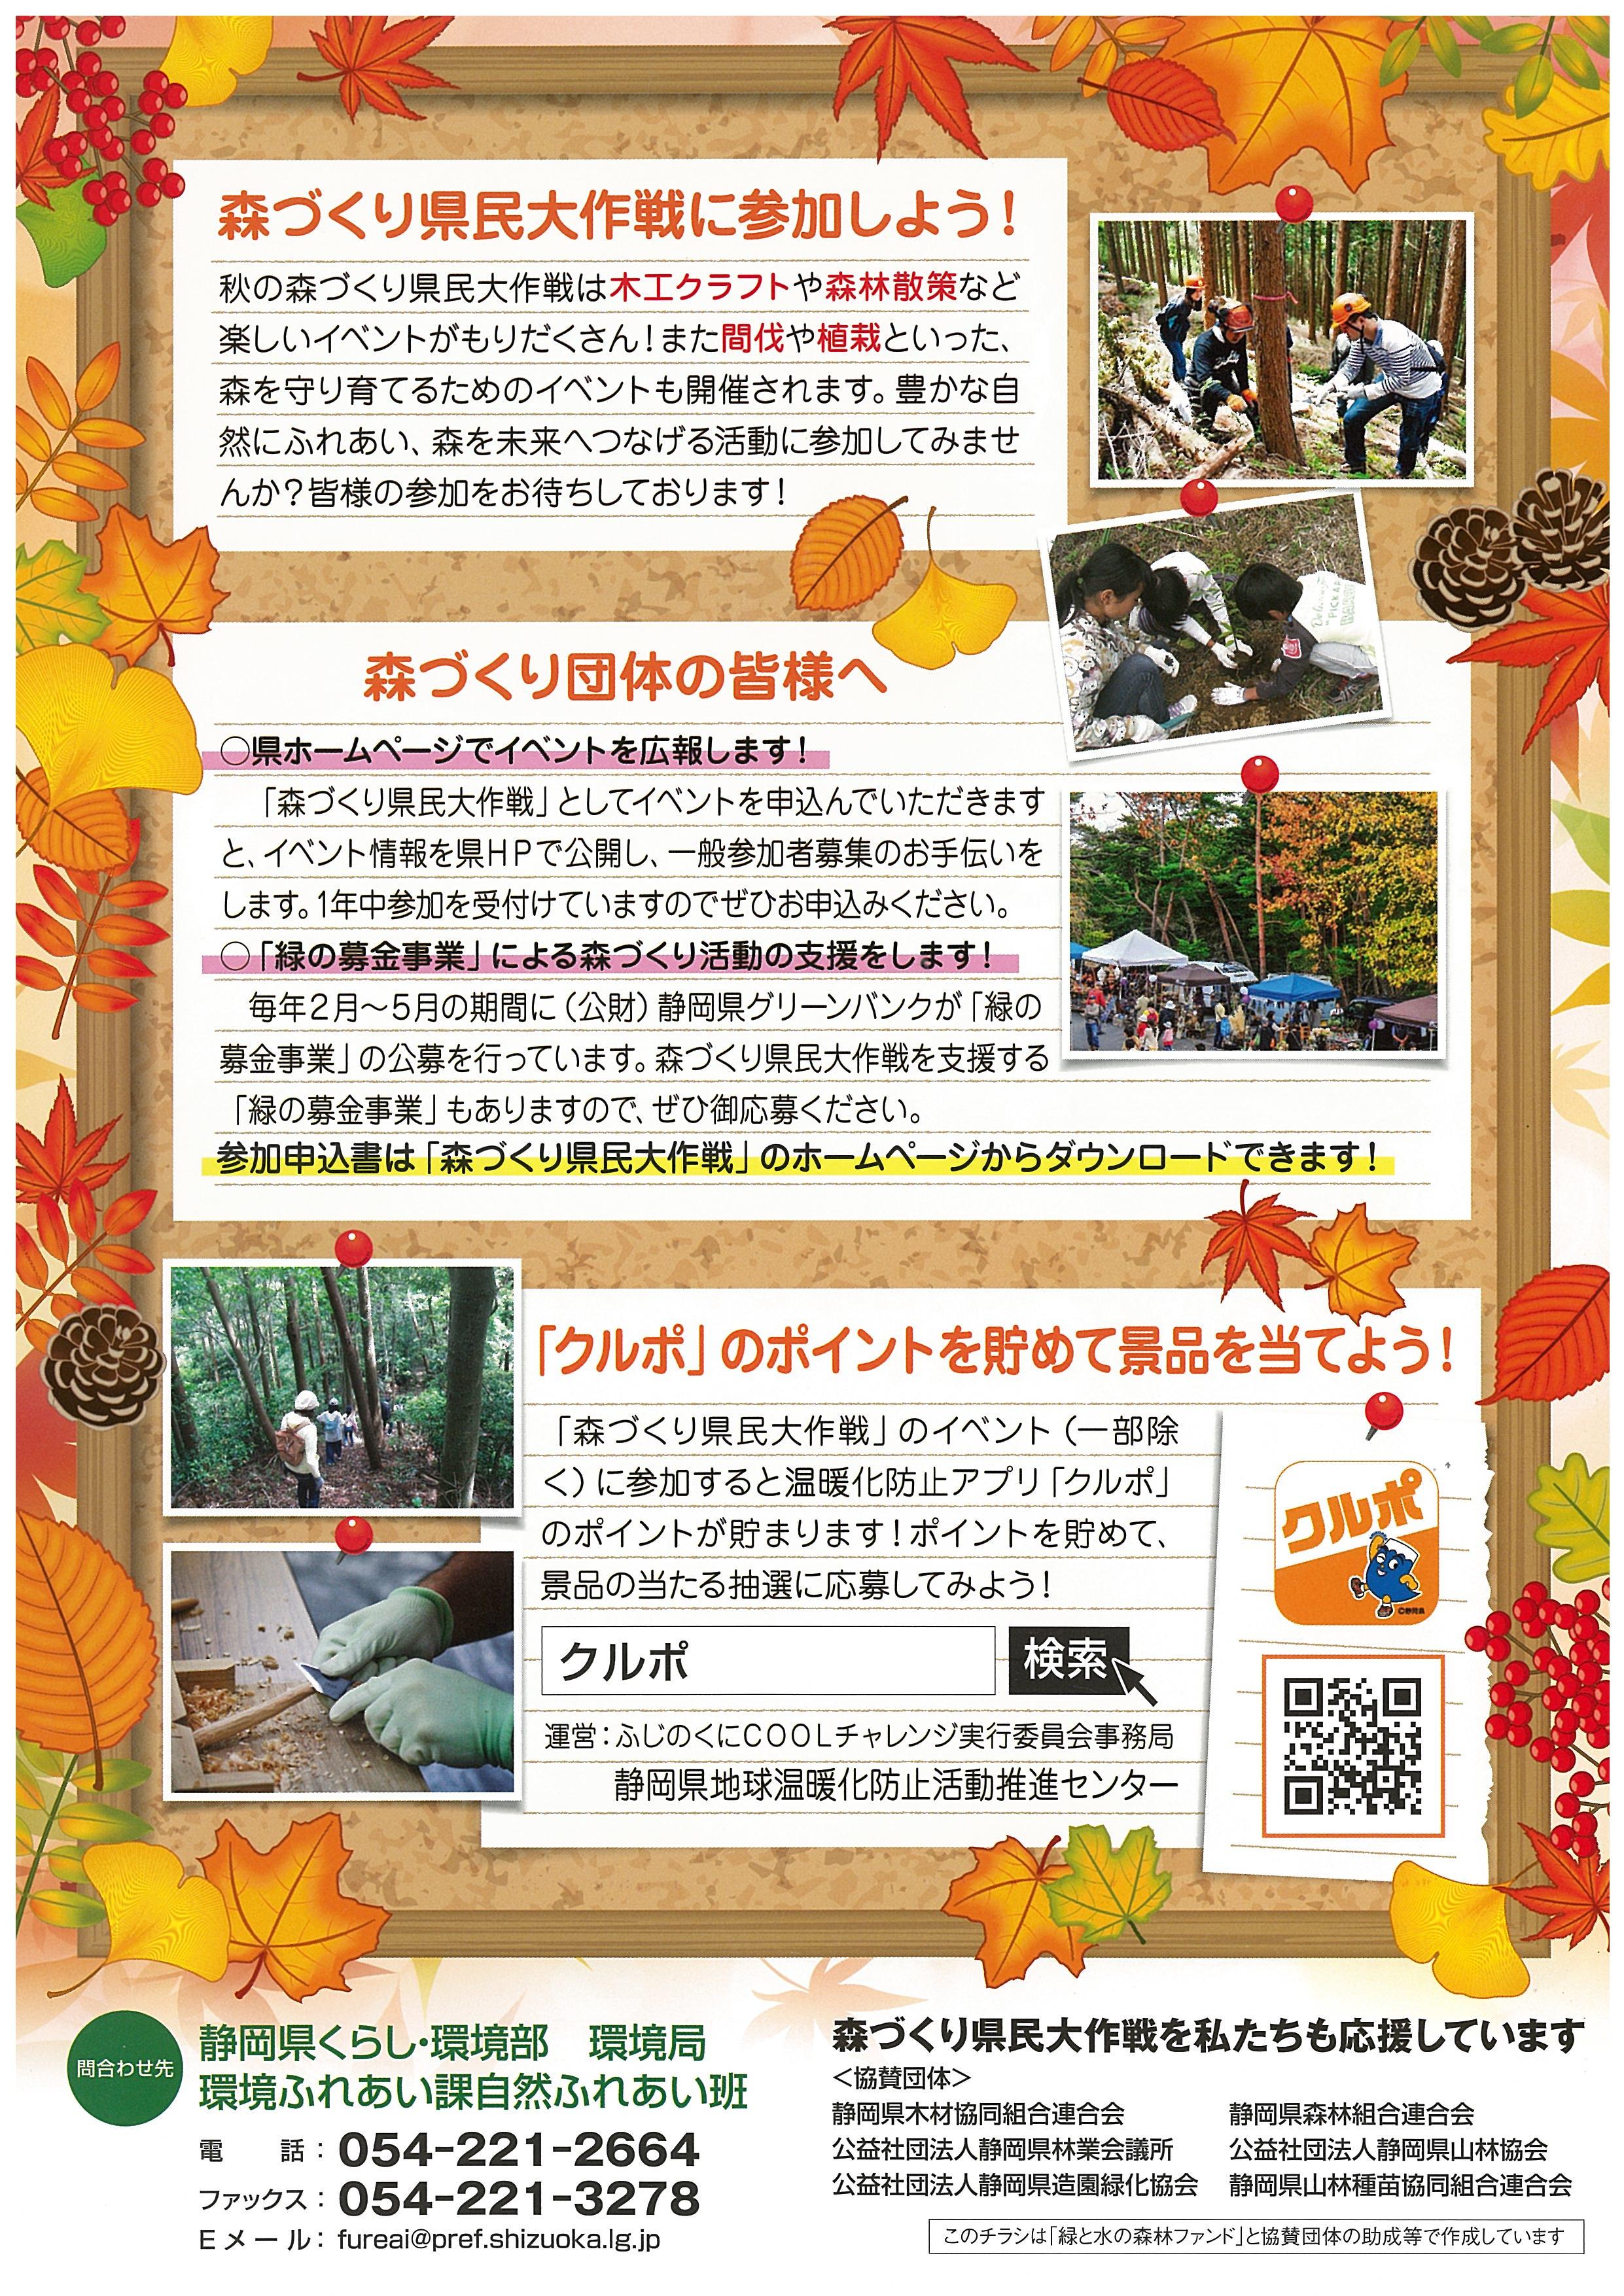 https://www.shizutan.jp/learning/2019/09/18/images/%E6%A3%AE%E3%81%A5%E3%81%8F%E3%82%8A%E8%A3%8F.png